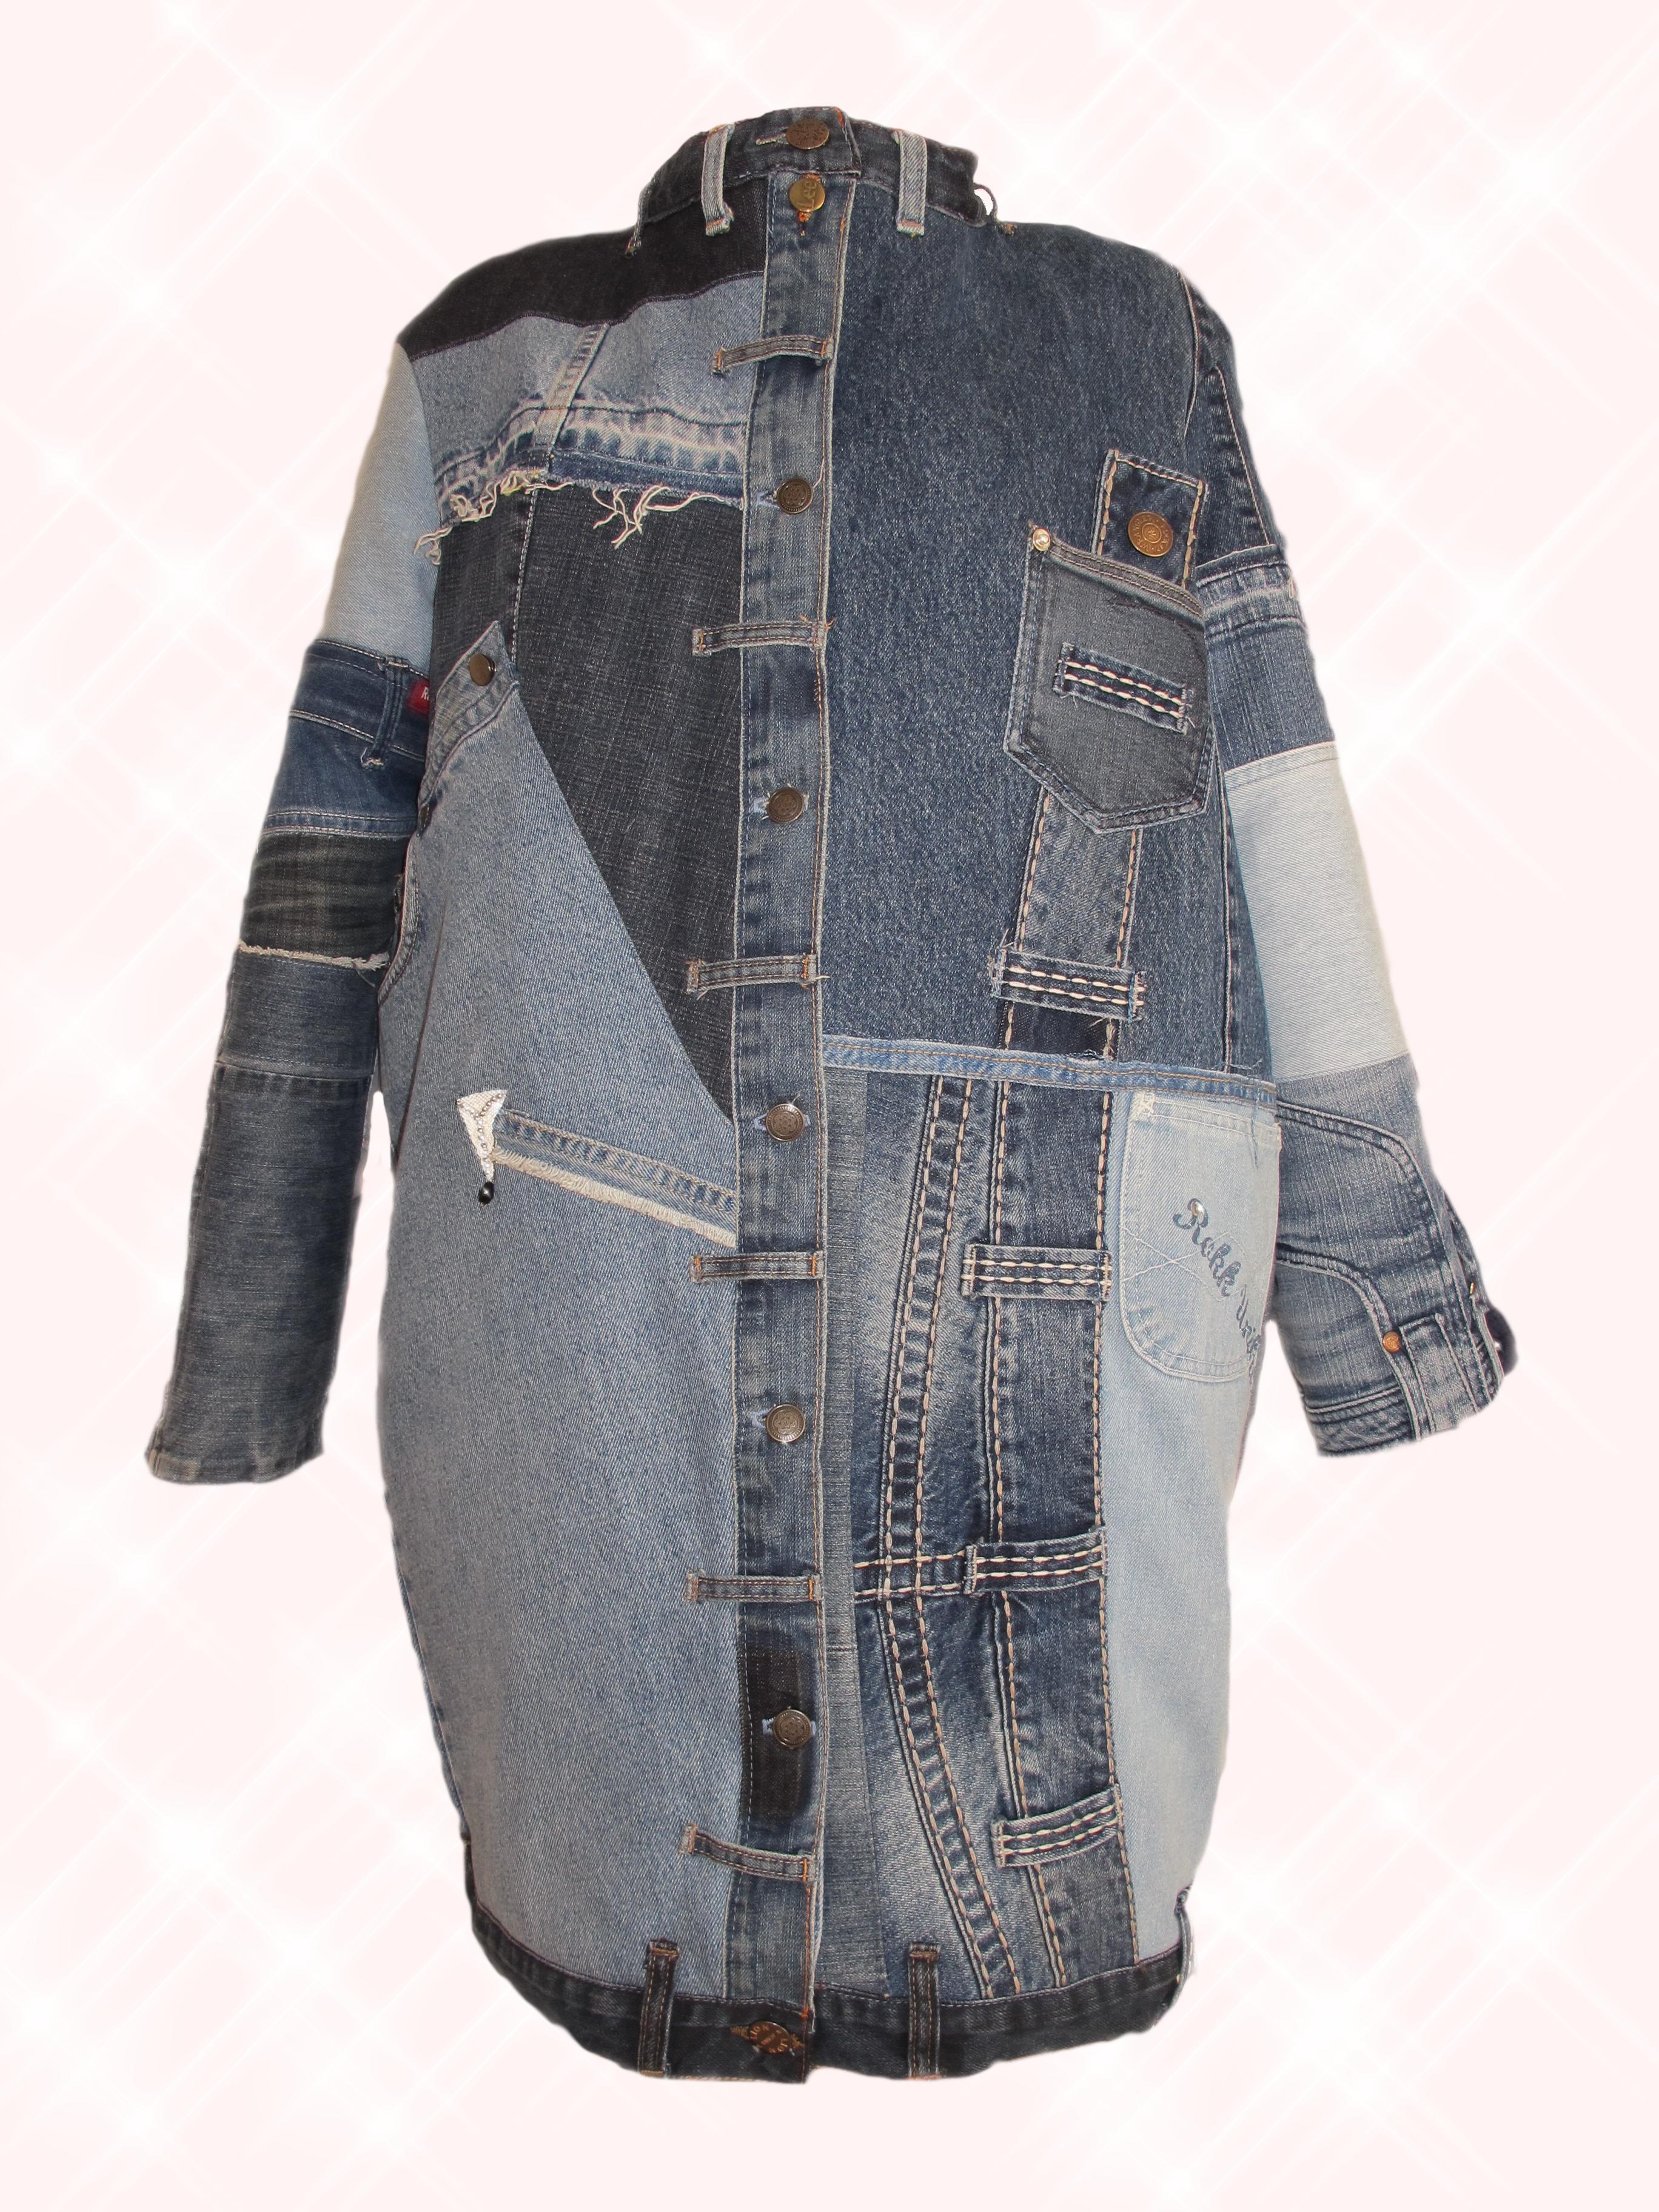 6ce226d9ee90ff Jacket Upcycling  Patchwork Jeansjacke  Jeans Kostüm  Jeansweste  Jeans   Denim  Style  Fashion  Stil  Mode  Damen  Frauen  Lady  Unikat  Upcycling  ...